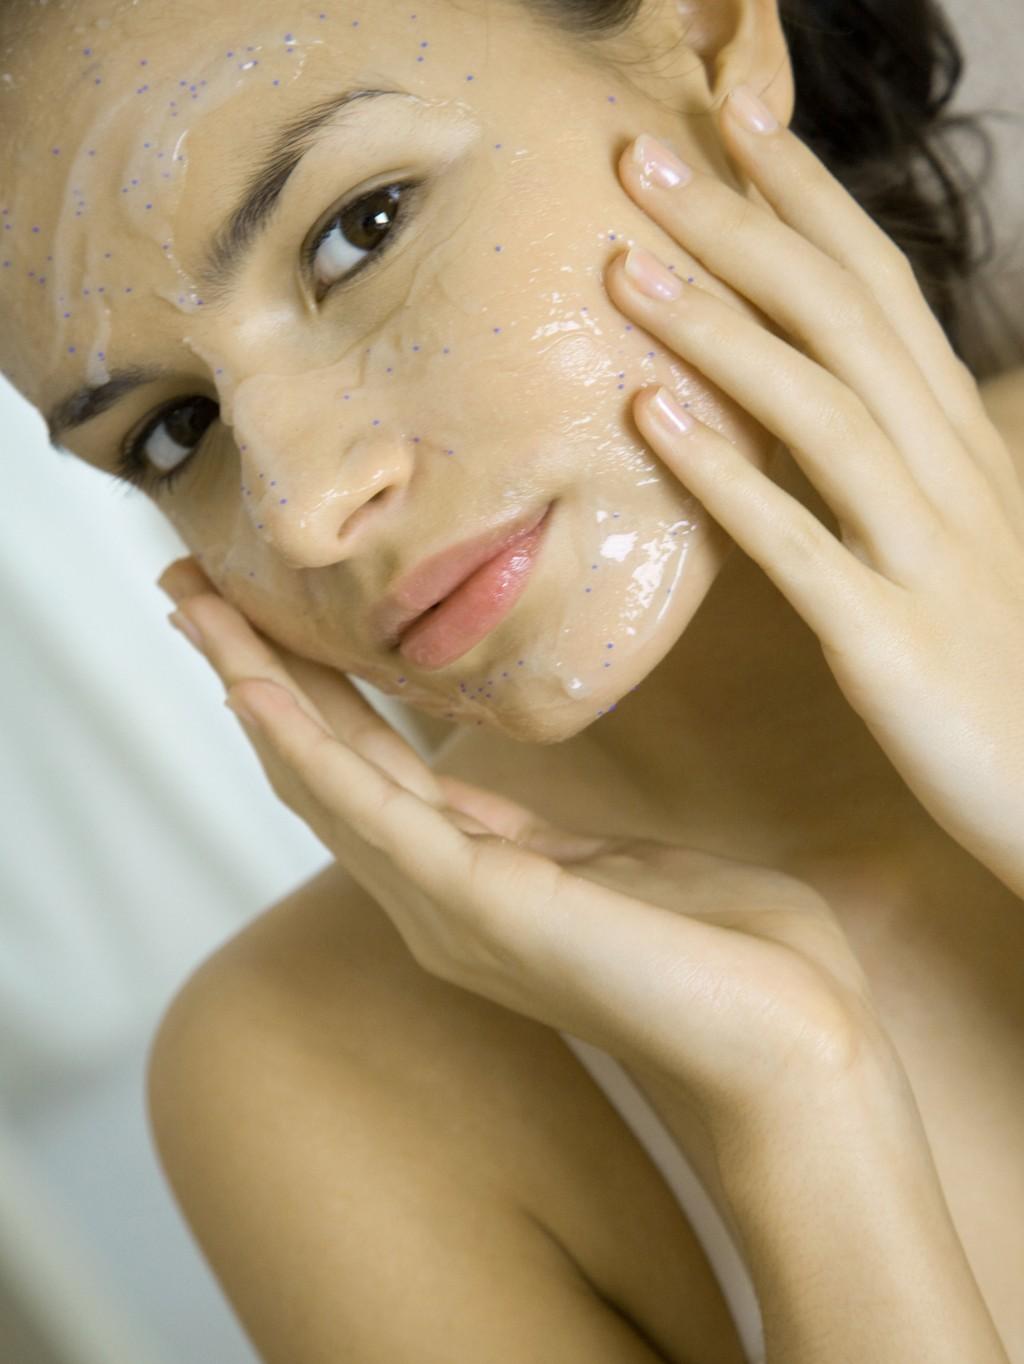 MIKROPLAST brukes i skjønnhetsprodukter som ansiktsskrubb, kroppsskrubb og såpe. Det er de små, blå kulene som sees på bildet som er mikroplast.